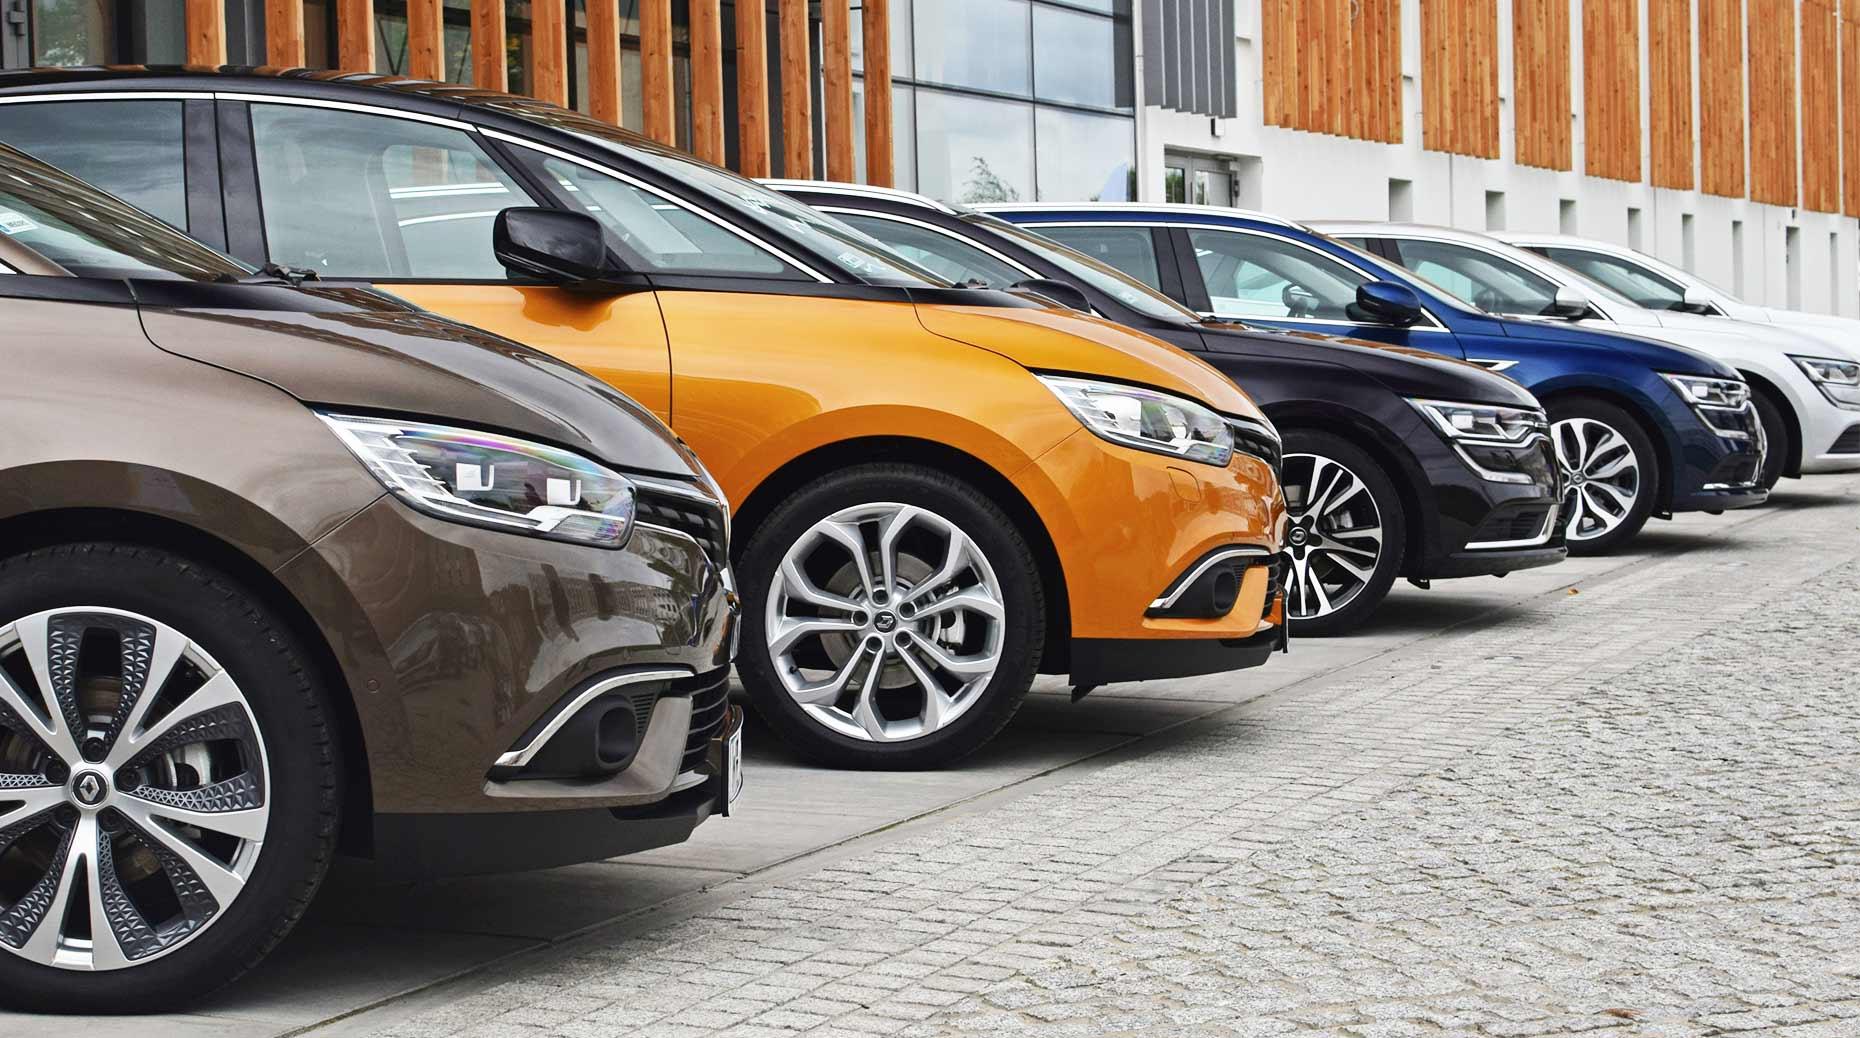 Flottes auto : Diot démarre 2020 avec l